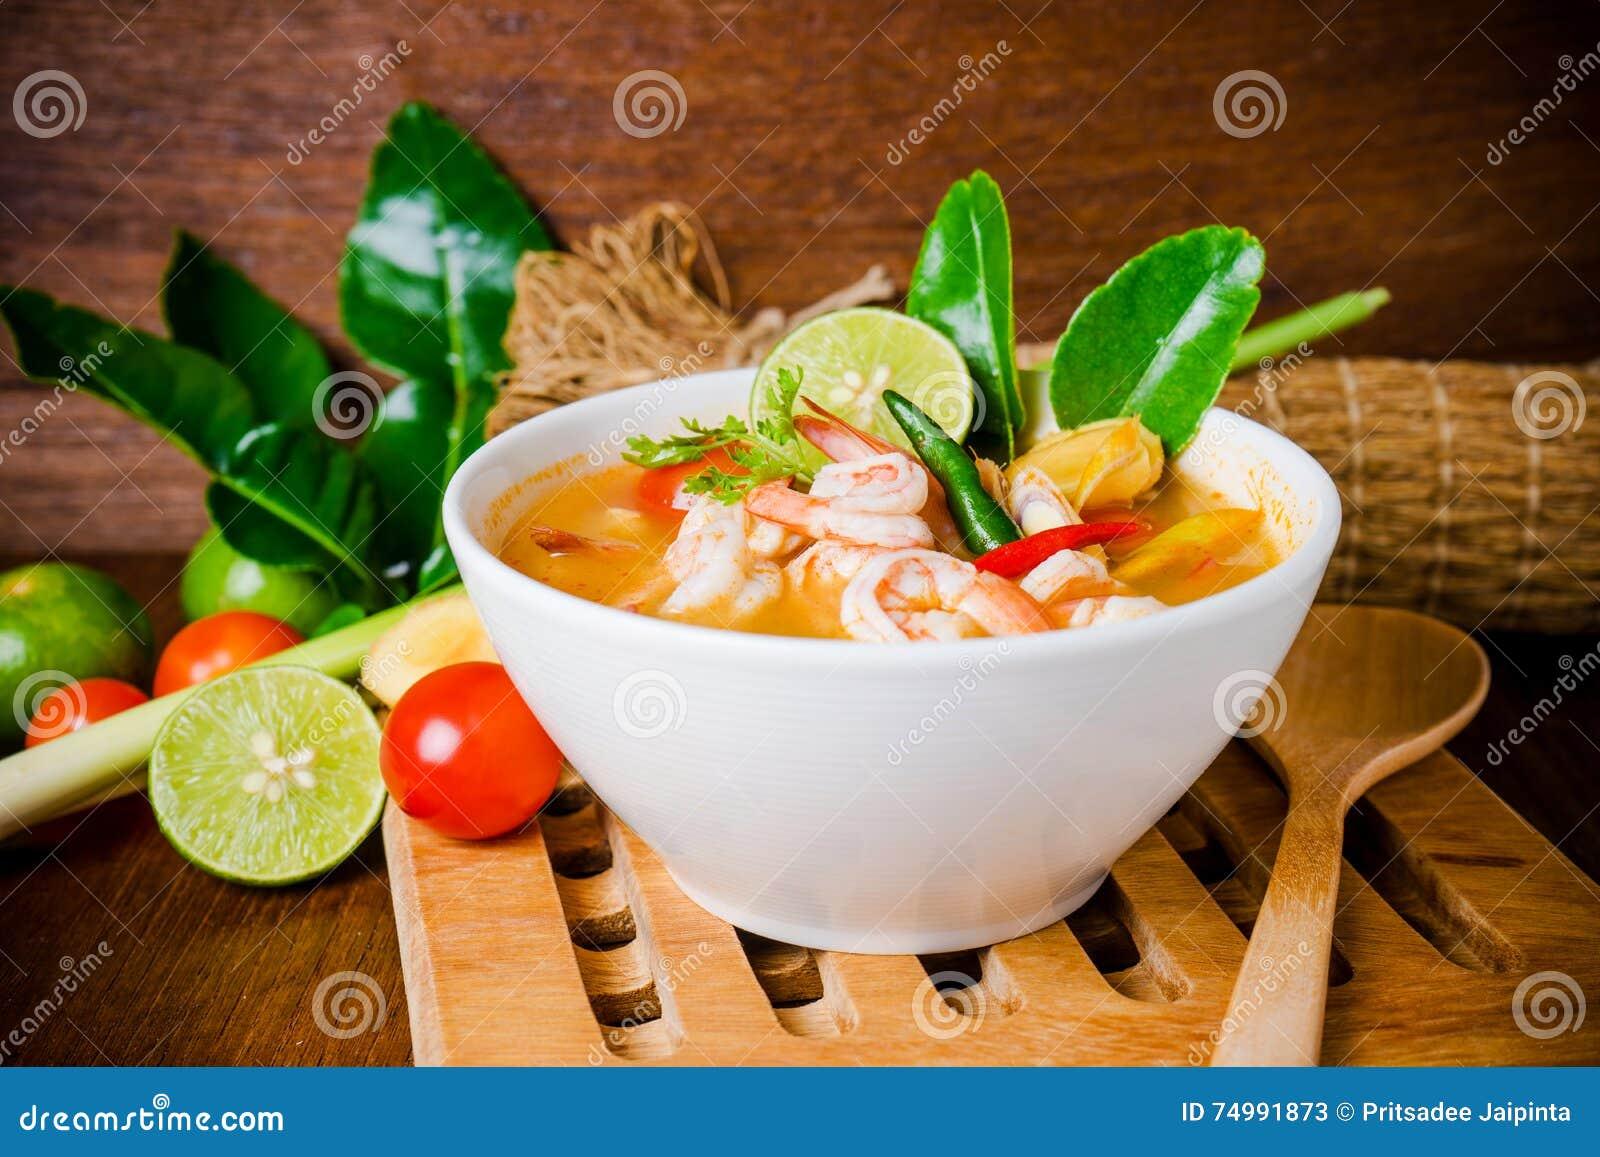 Kong do  batata doce  de Tom ou sopa de Tom yum Alimento tailandês - fritada #6 do Stir